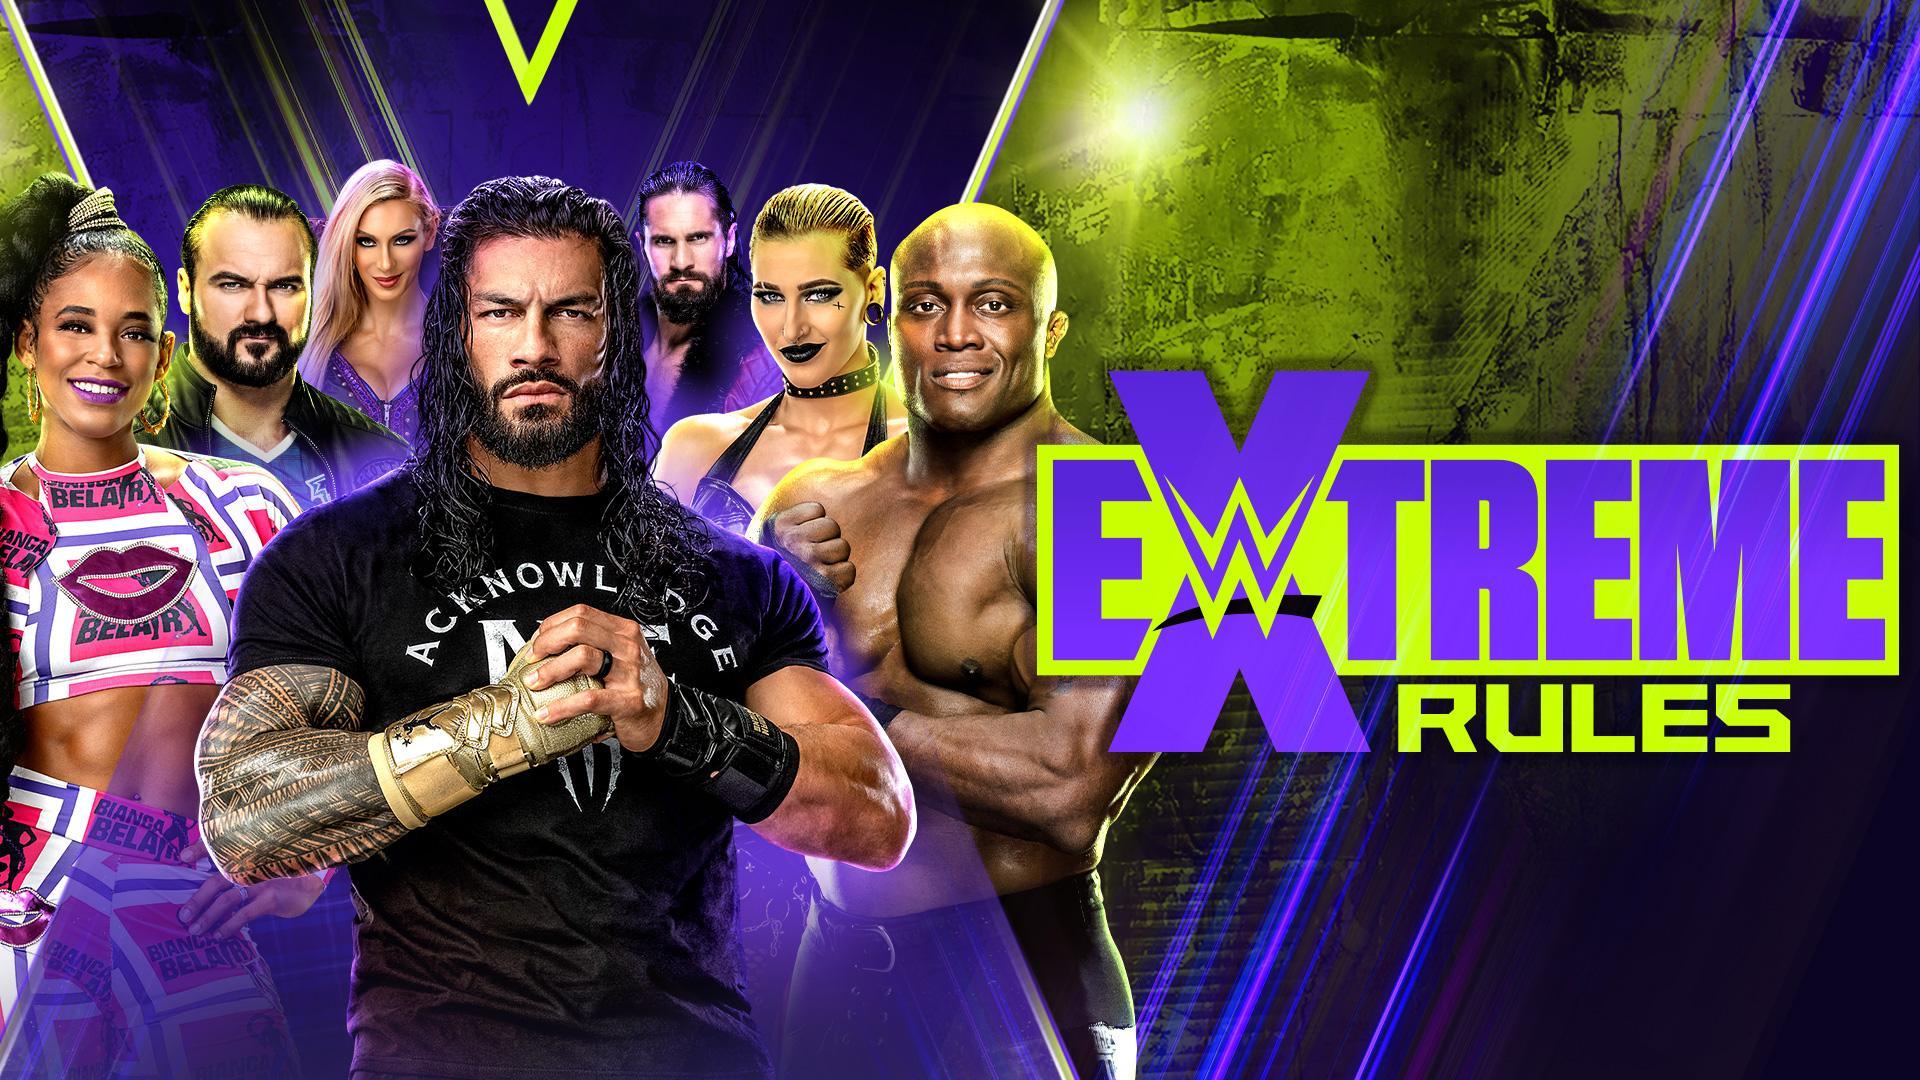 Roman Reigns em destaque no pôster do WWE Extreme Rules